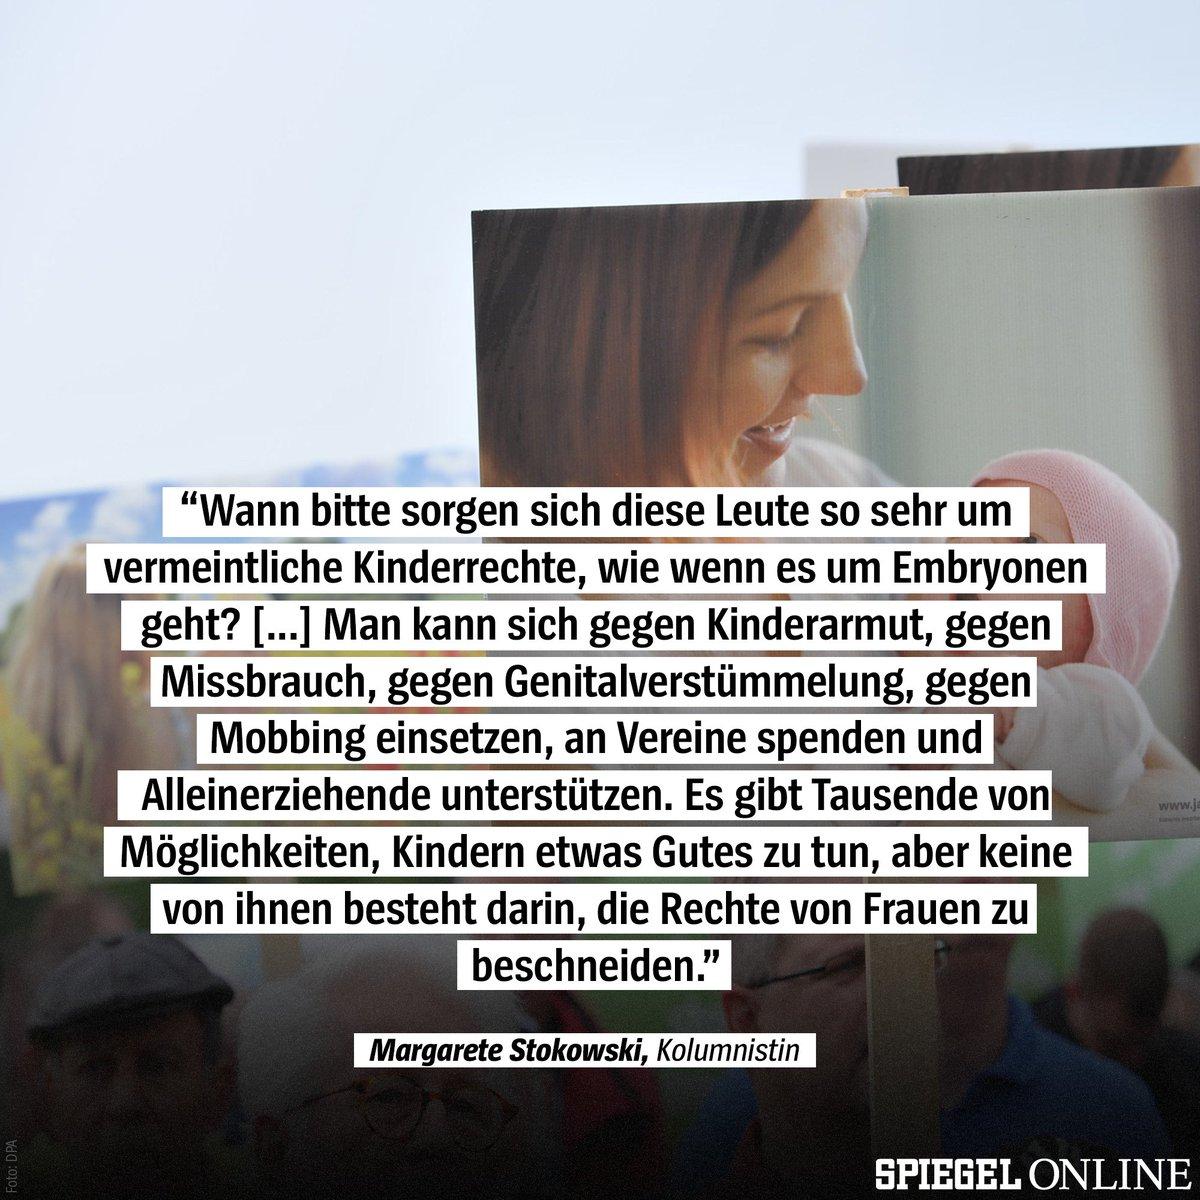 Spiegel Online On Twitter Warum Interessieren Lebensschützer Und